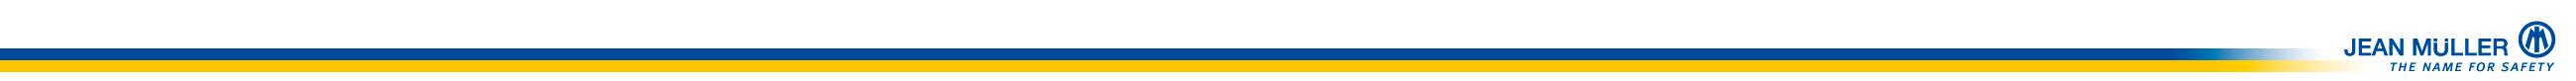 jm-header-logo